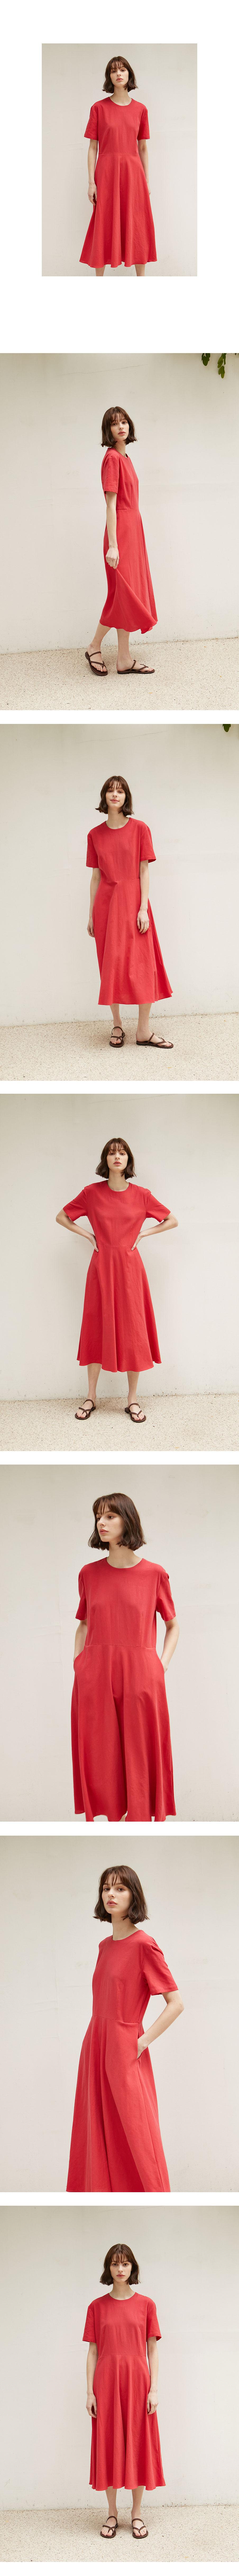 논로컬(NONLOCAL) Linen Flared Dress - Red